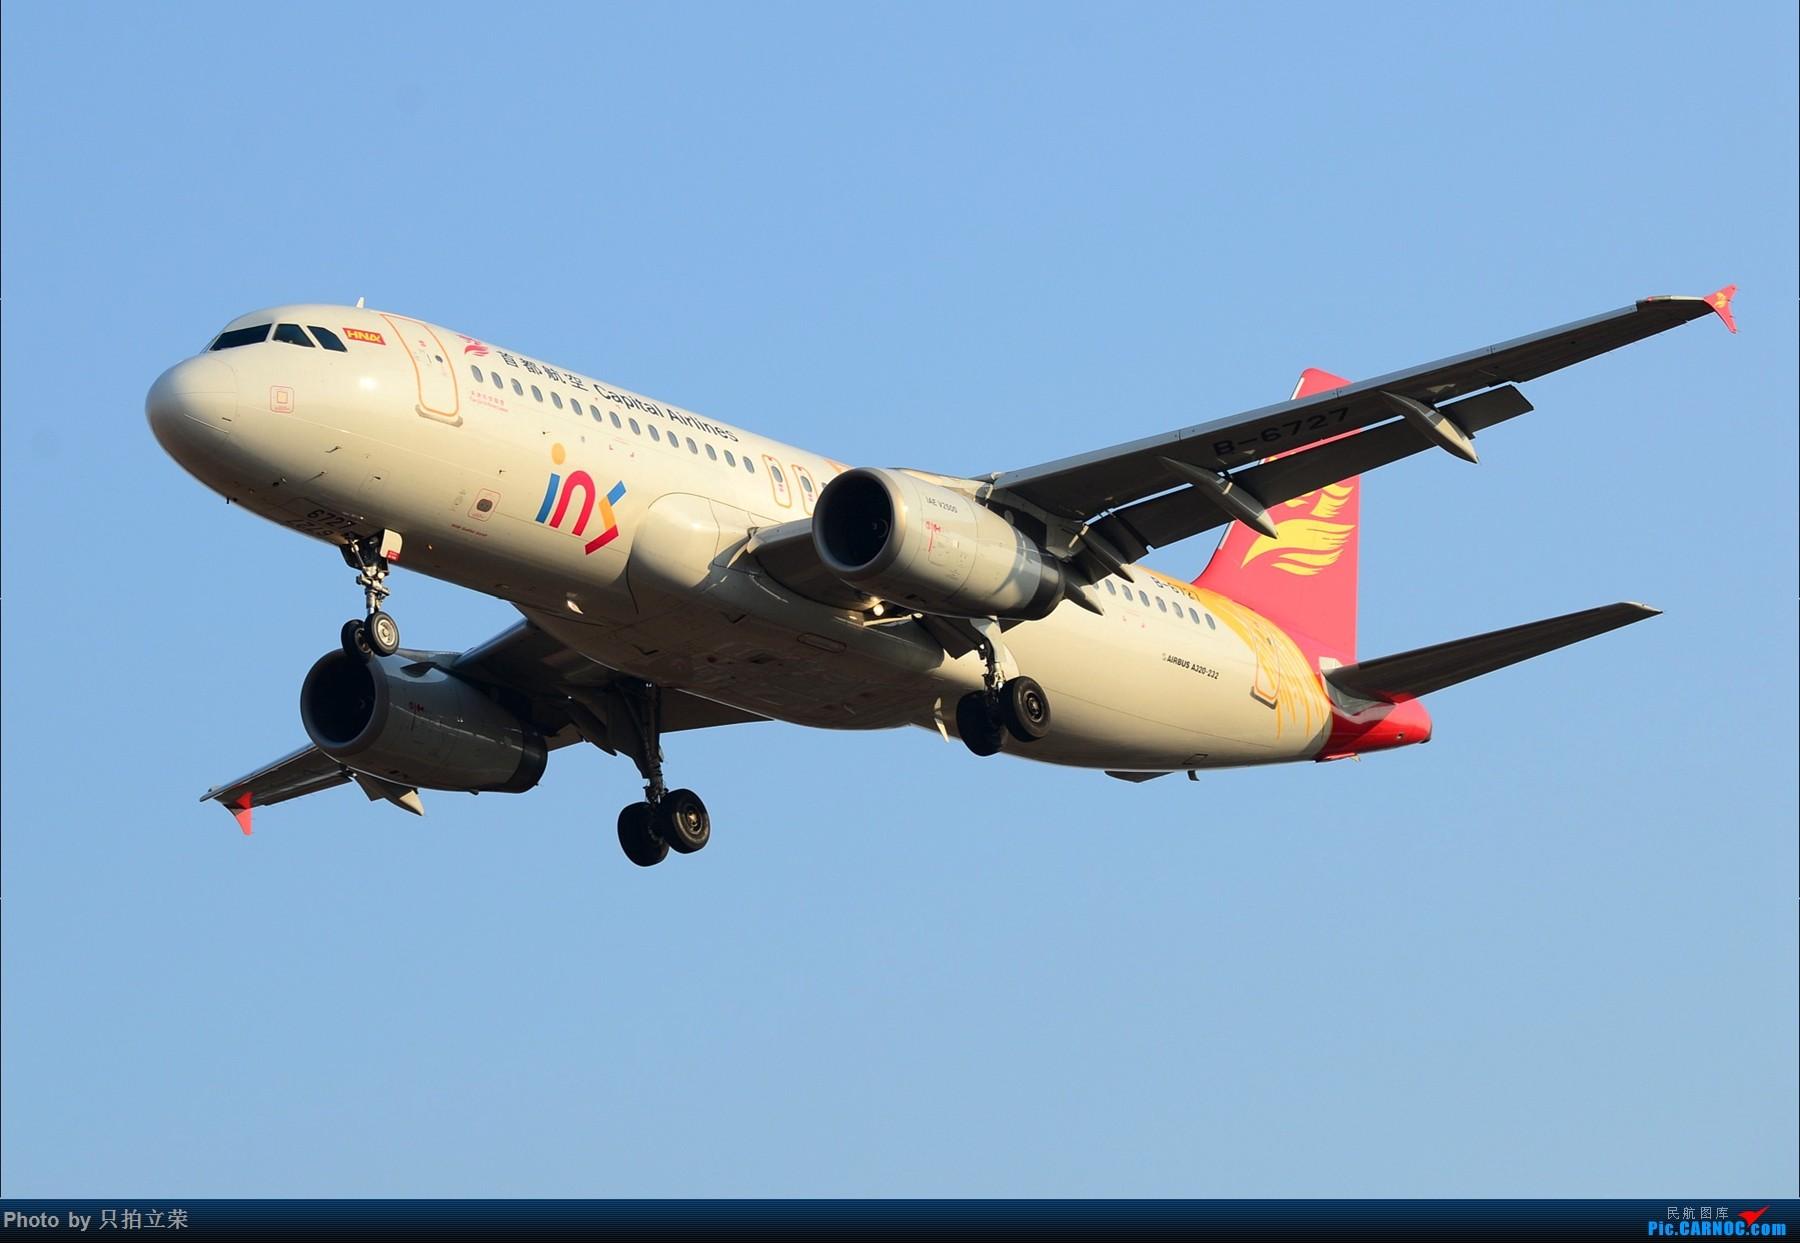 Re:[原创]湖南飞友会-难得好天气巴铁伊尔-78再访长沙! AIRBUS A320-200 B-6727 中国长沙黄花国际机场